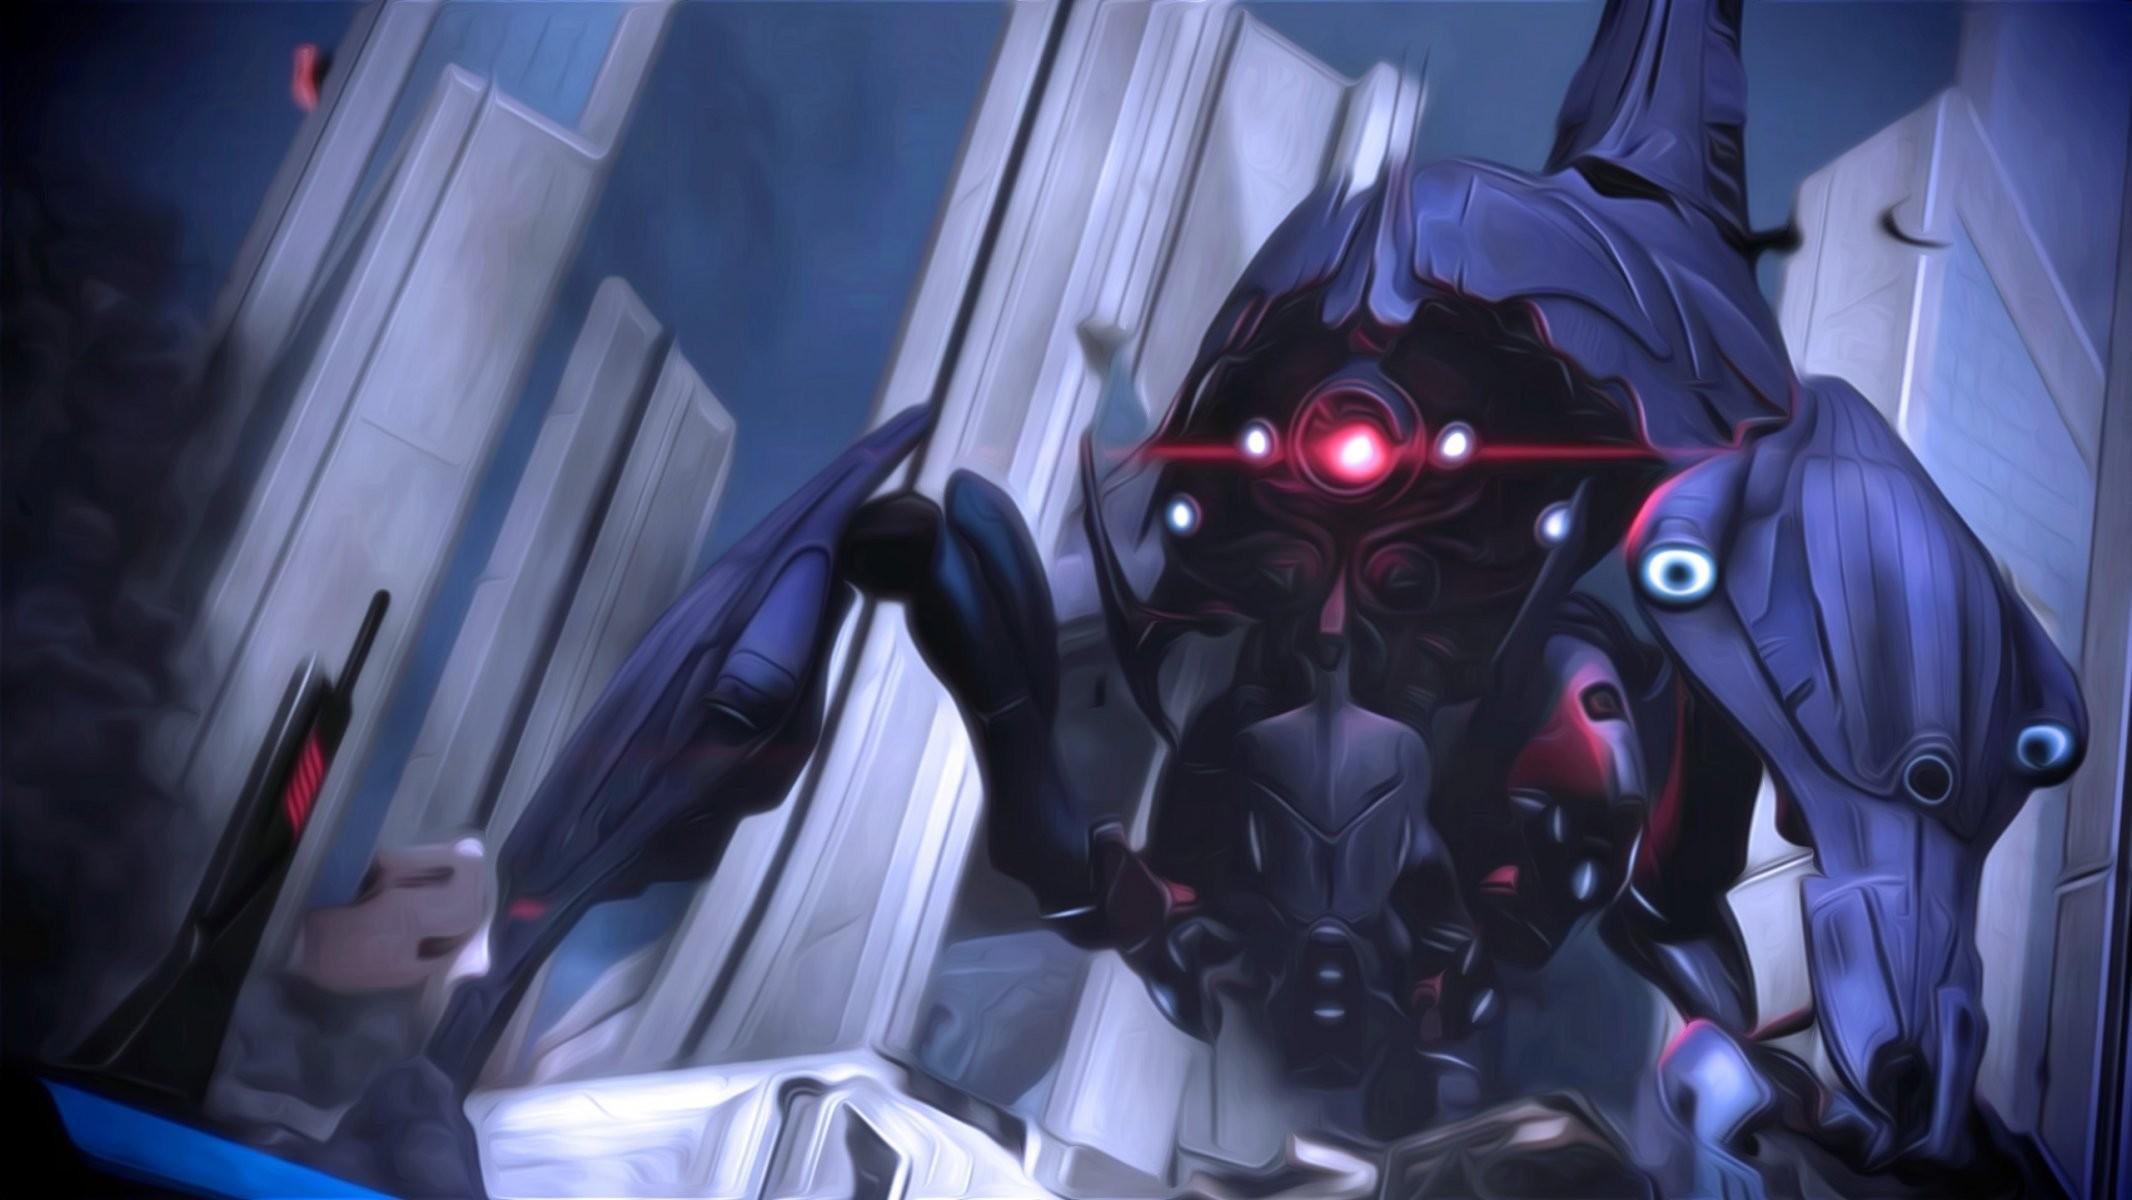 mass effect leviathan reaper art reaper